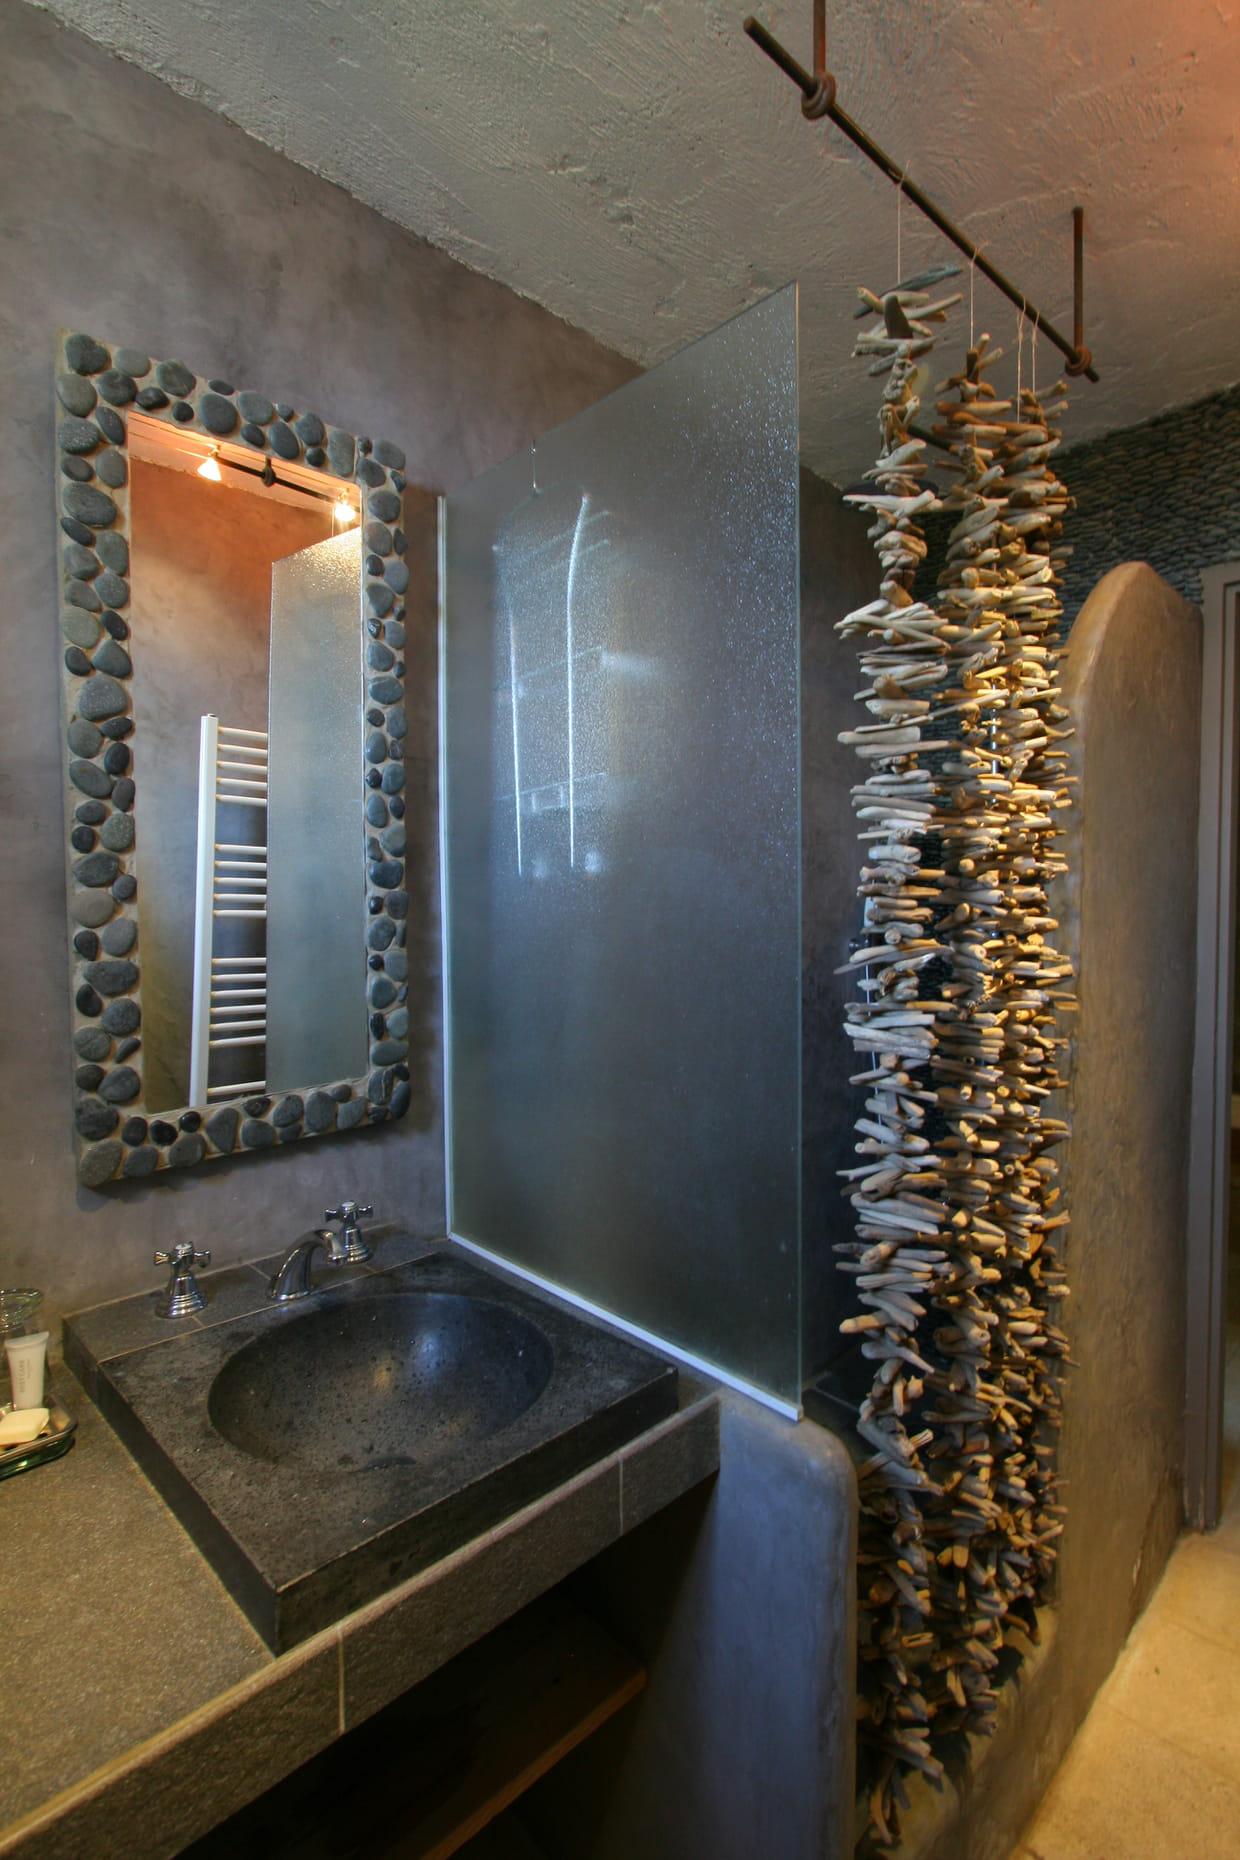 une salle de bains effet bton - Salle De Bain Effet Bton